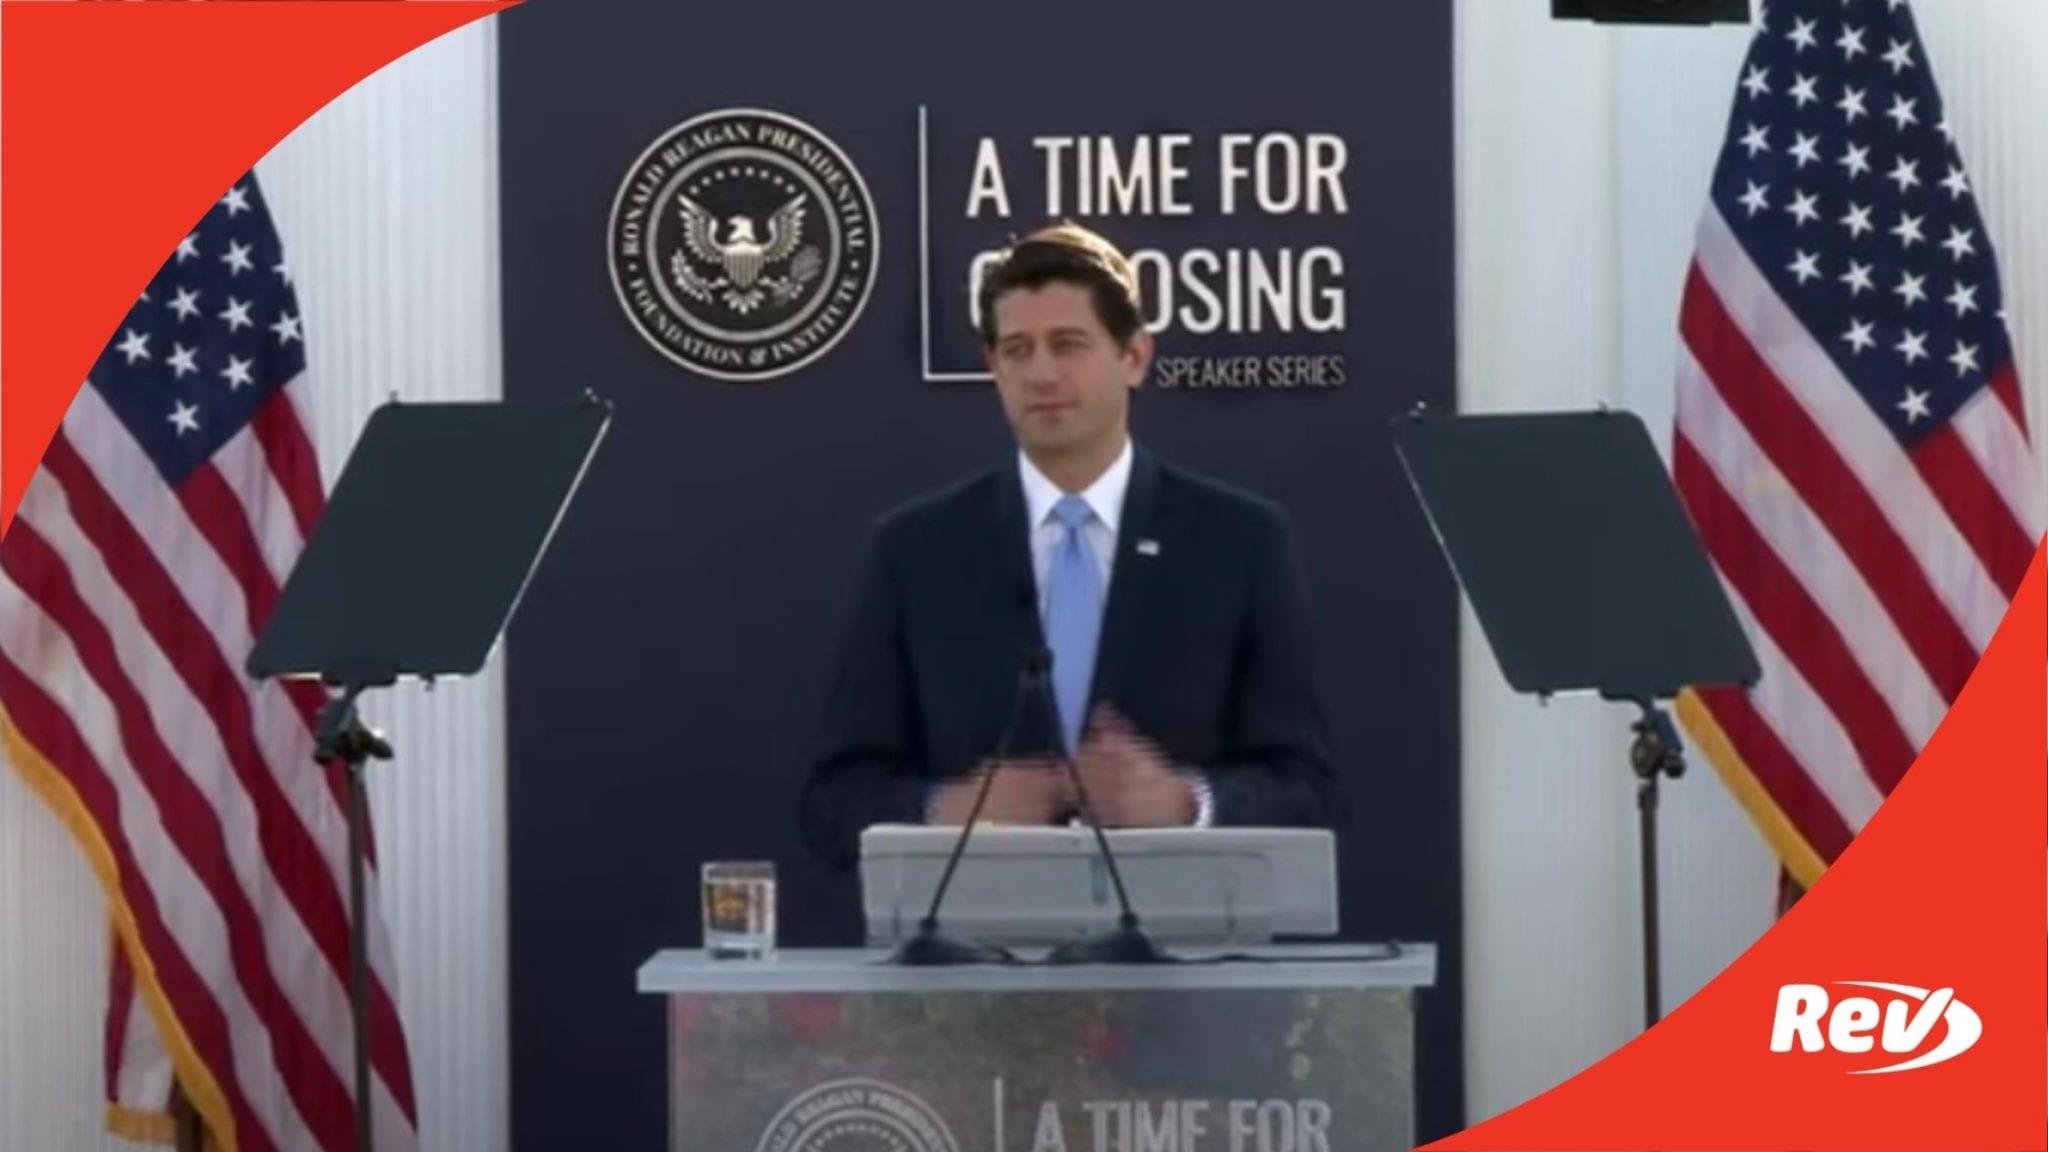 Paul Ryan Reagan Library Speech Transcript May 27: Future of GOP